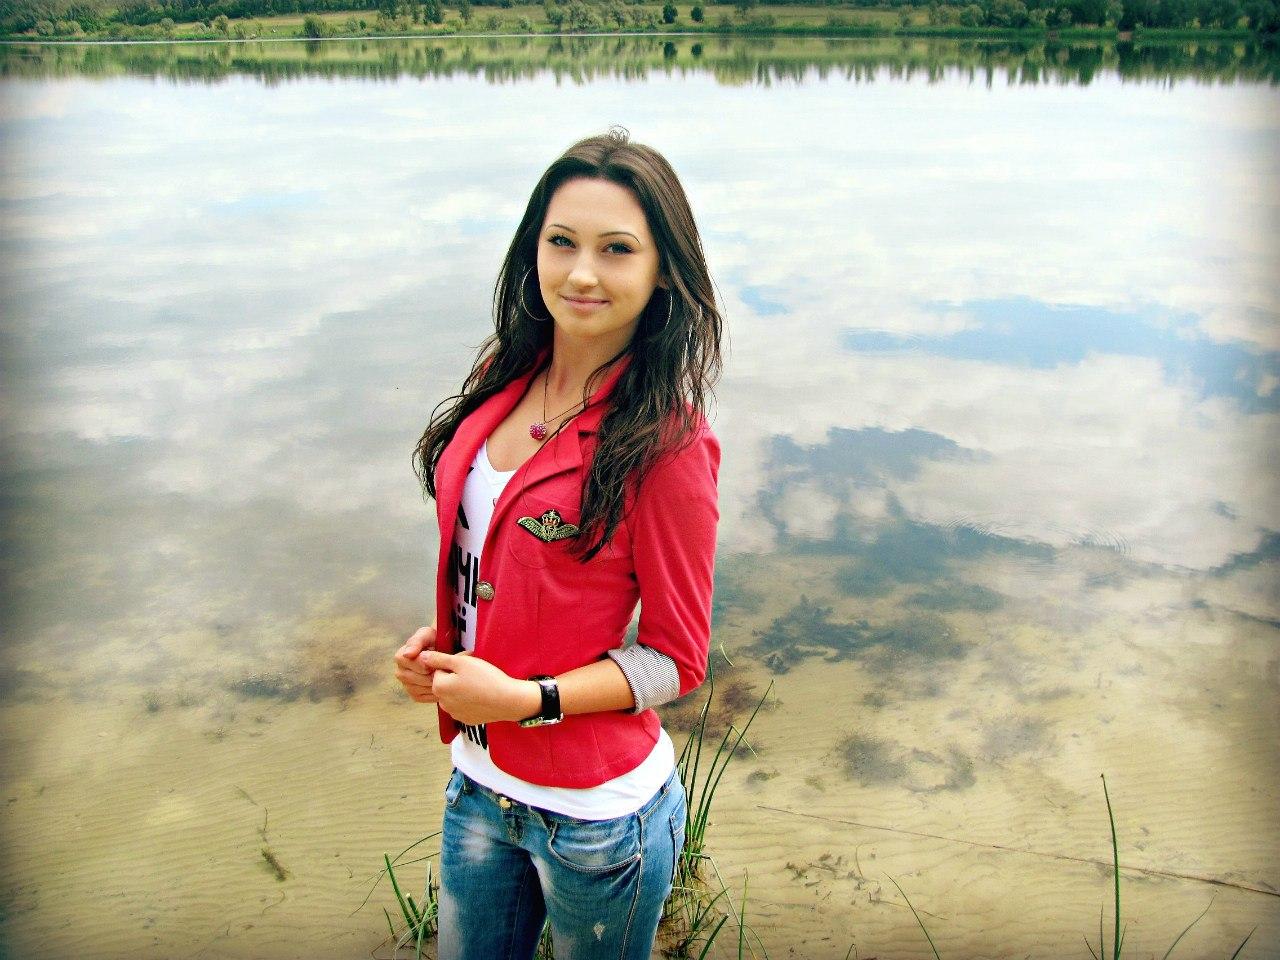 фото девушки 21 год